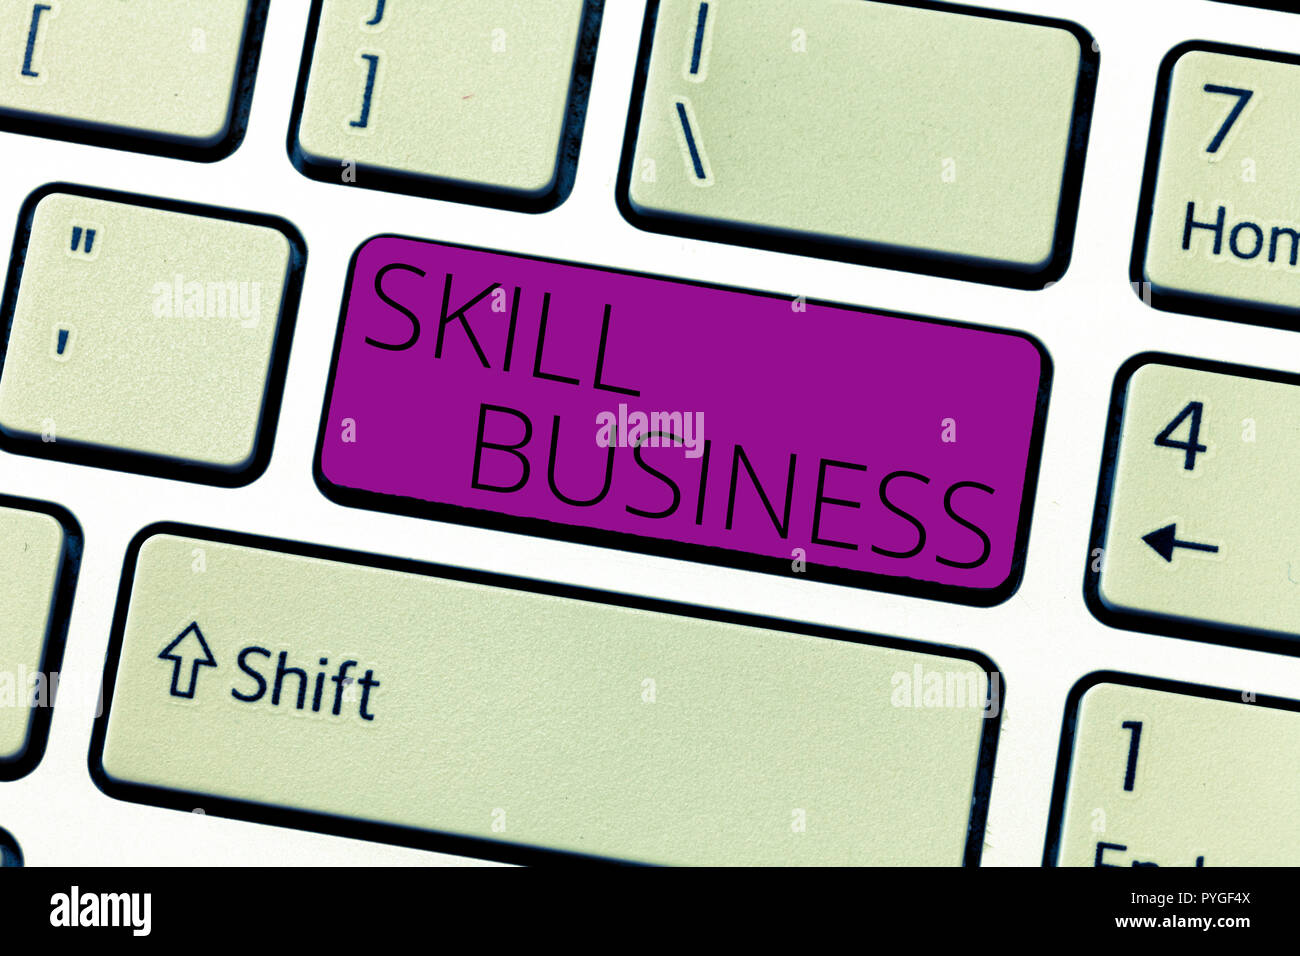 Signo de texto mostrando habilidad empresarial. Foto conceptual habilidad para manejar un negocio conocimientos intelectuales. Imagen De Stock